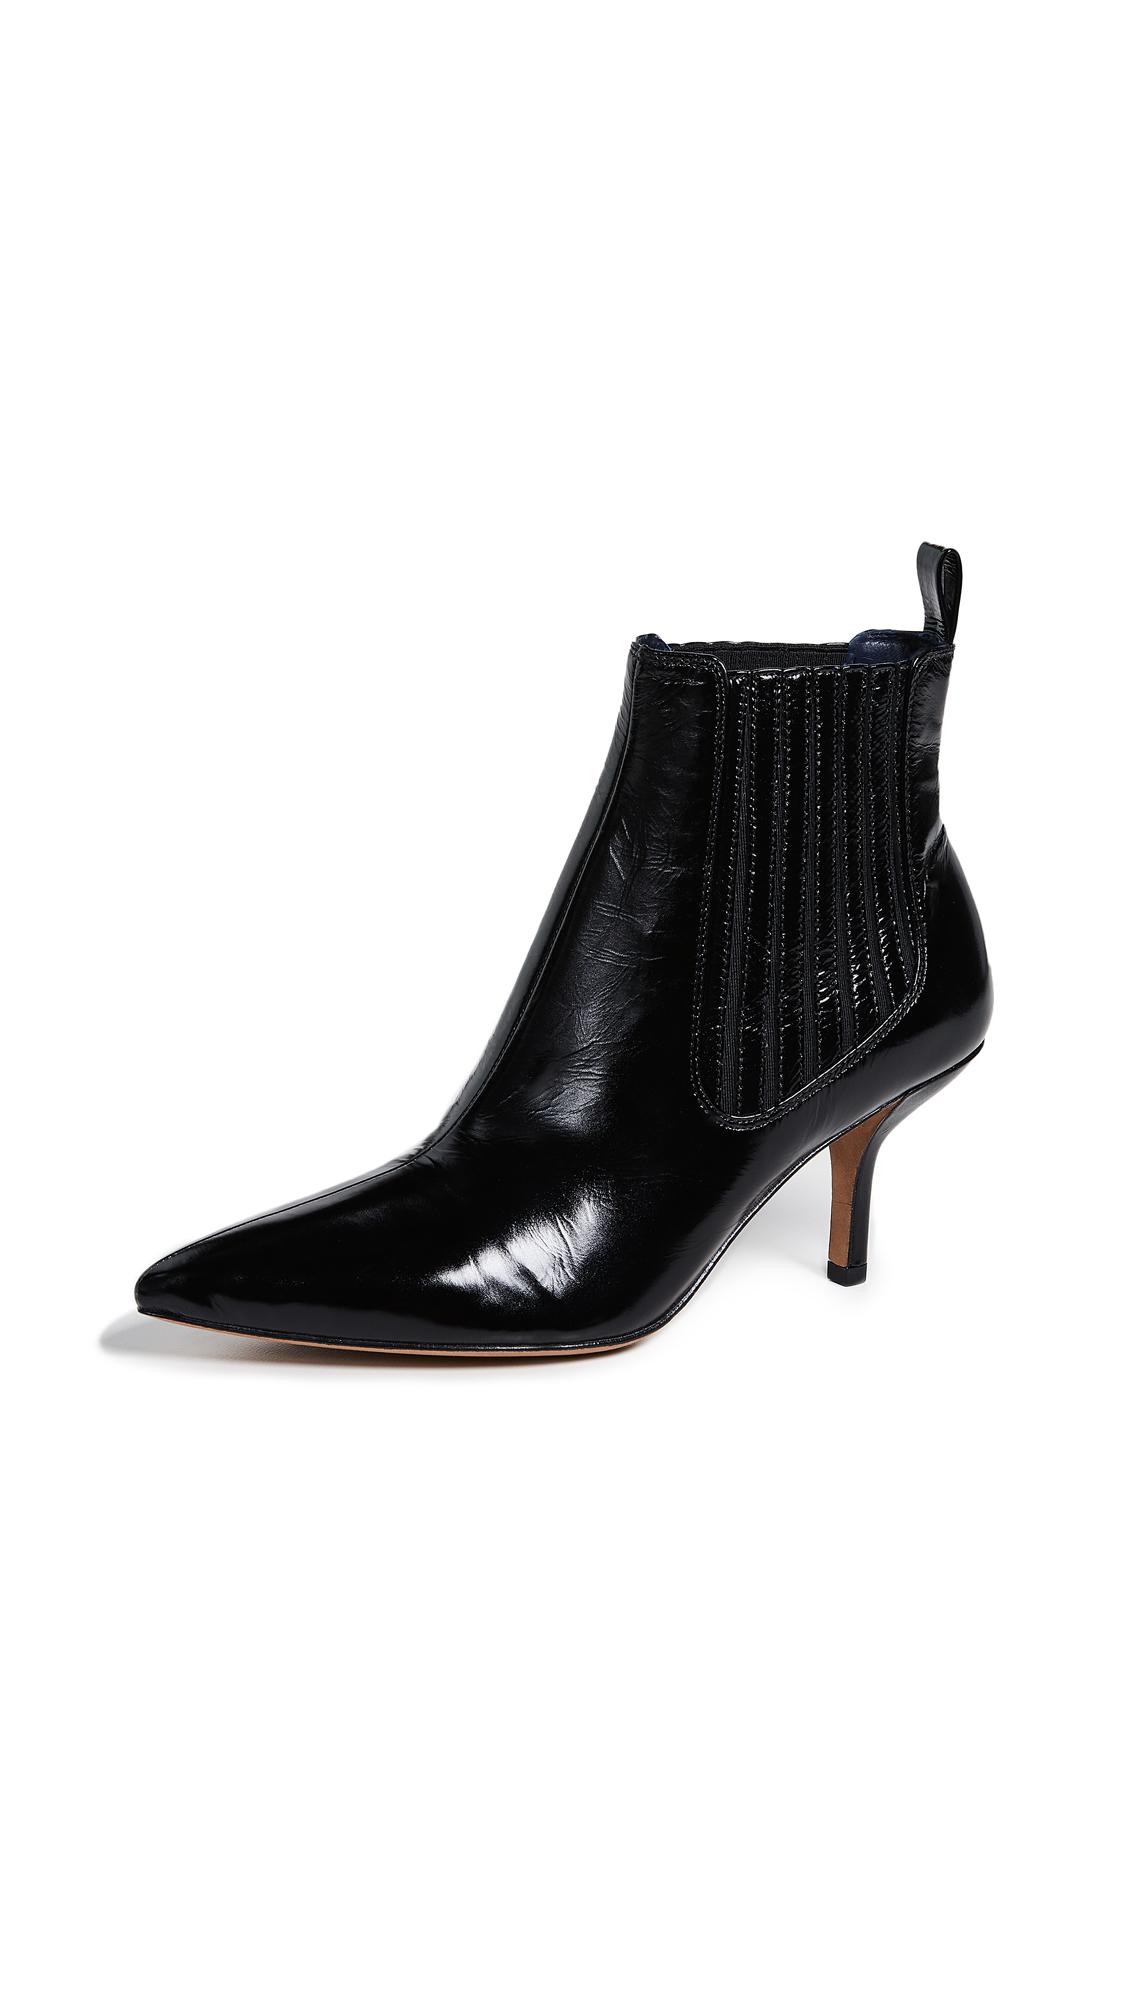 Diane von Furstenberg Mollo Booties - Black